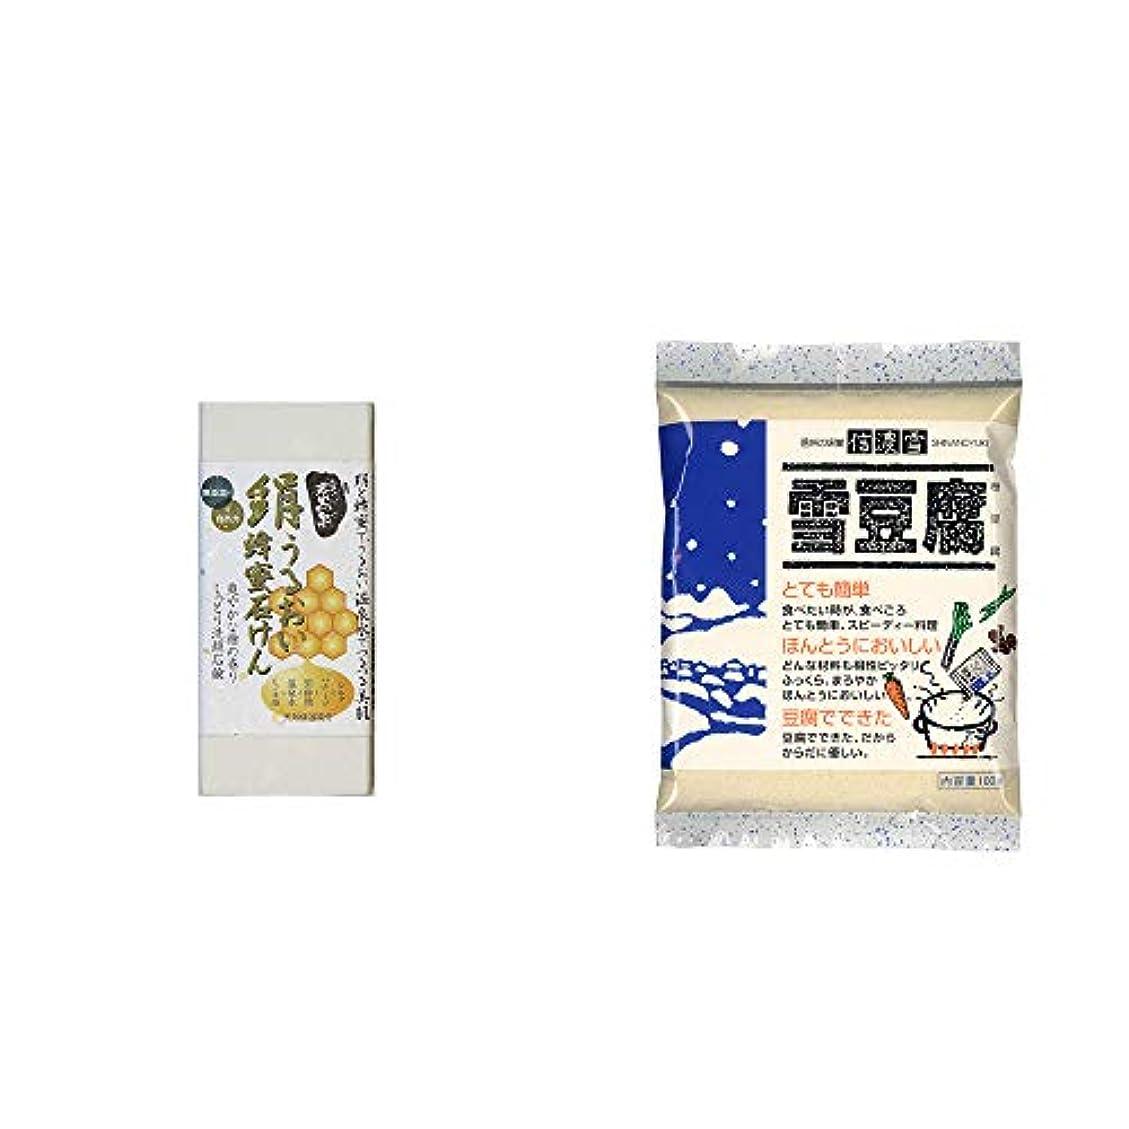 根拠電気陽性ほとんどない[2点セット] ひのき炭黒泉 絹うるおい蜂蜜石けん(75g×2)?信濃雪 雪豆腐(粉豆腐)(100g)